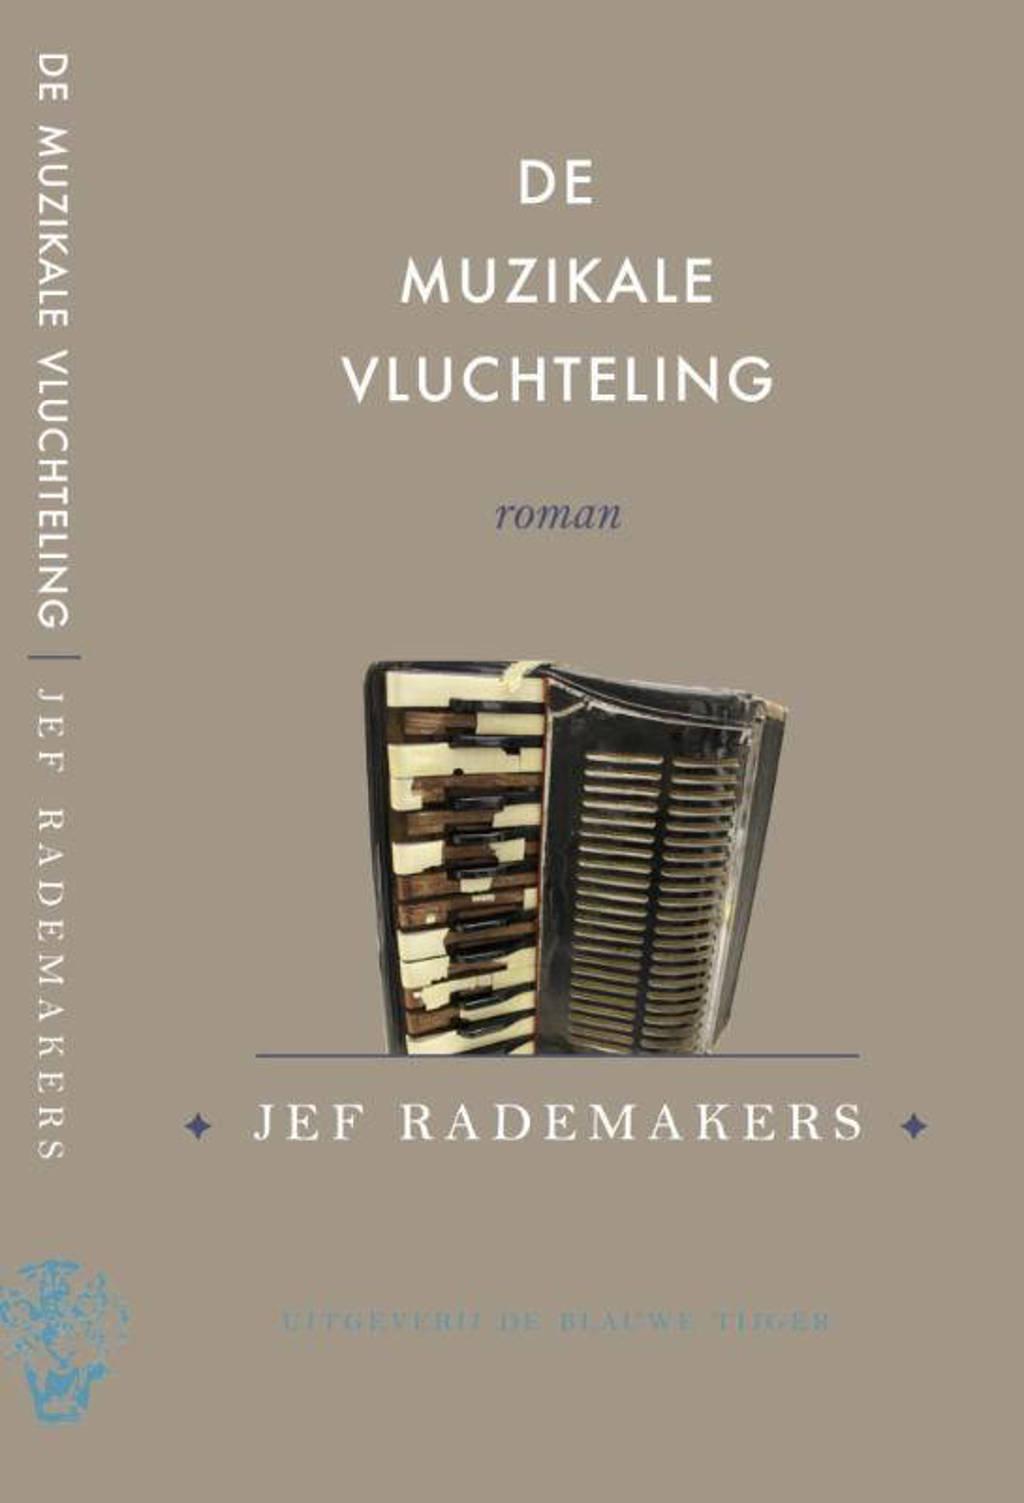 De muzikale vluchteling - Jef Rademakers